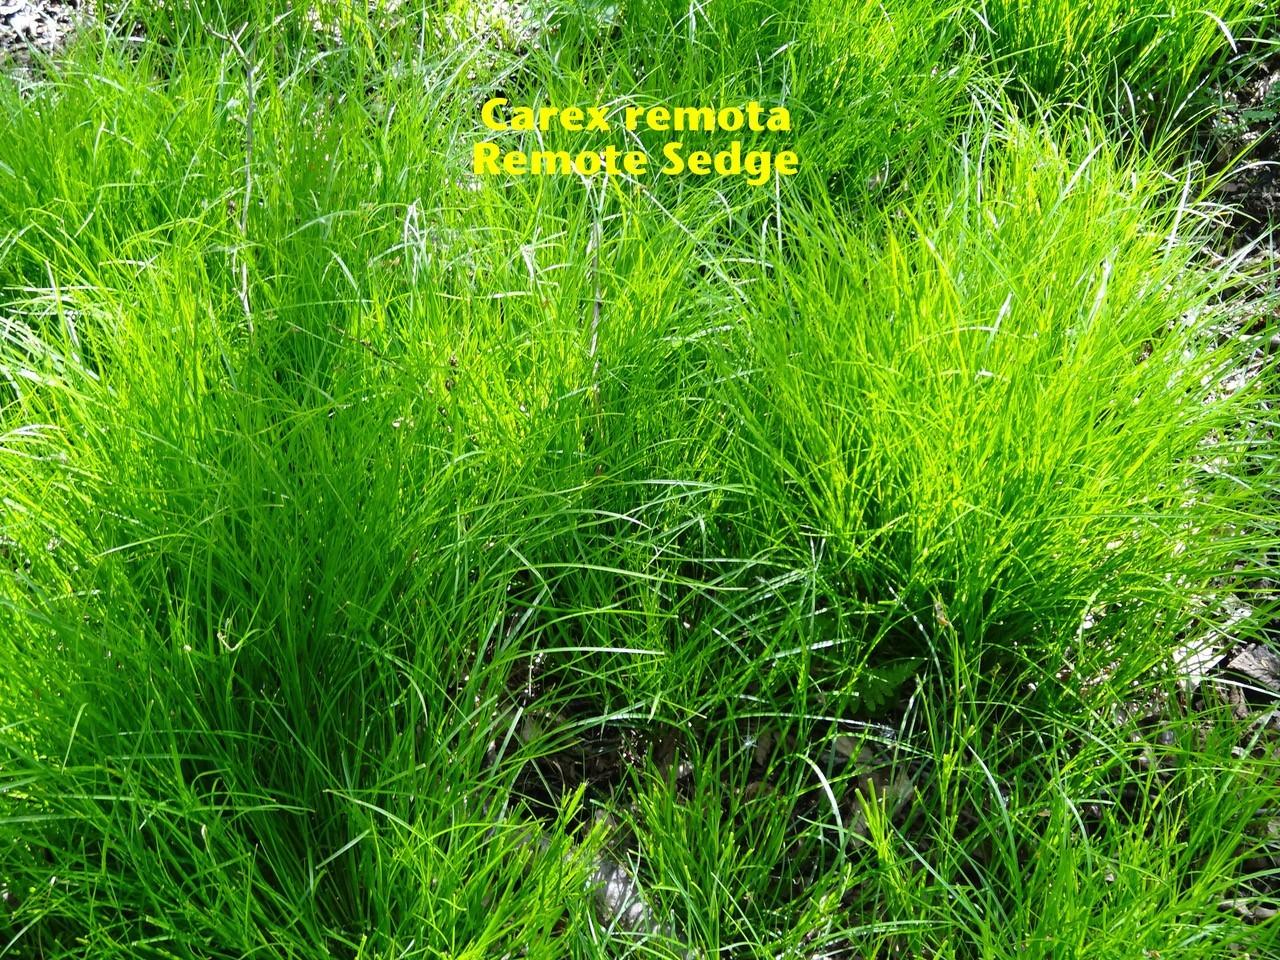 Remote Sedge (Carex remota).